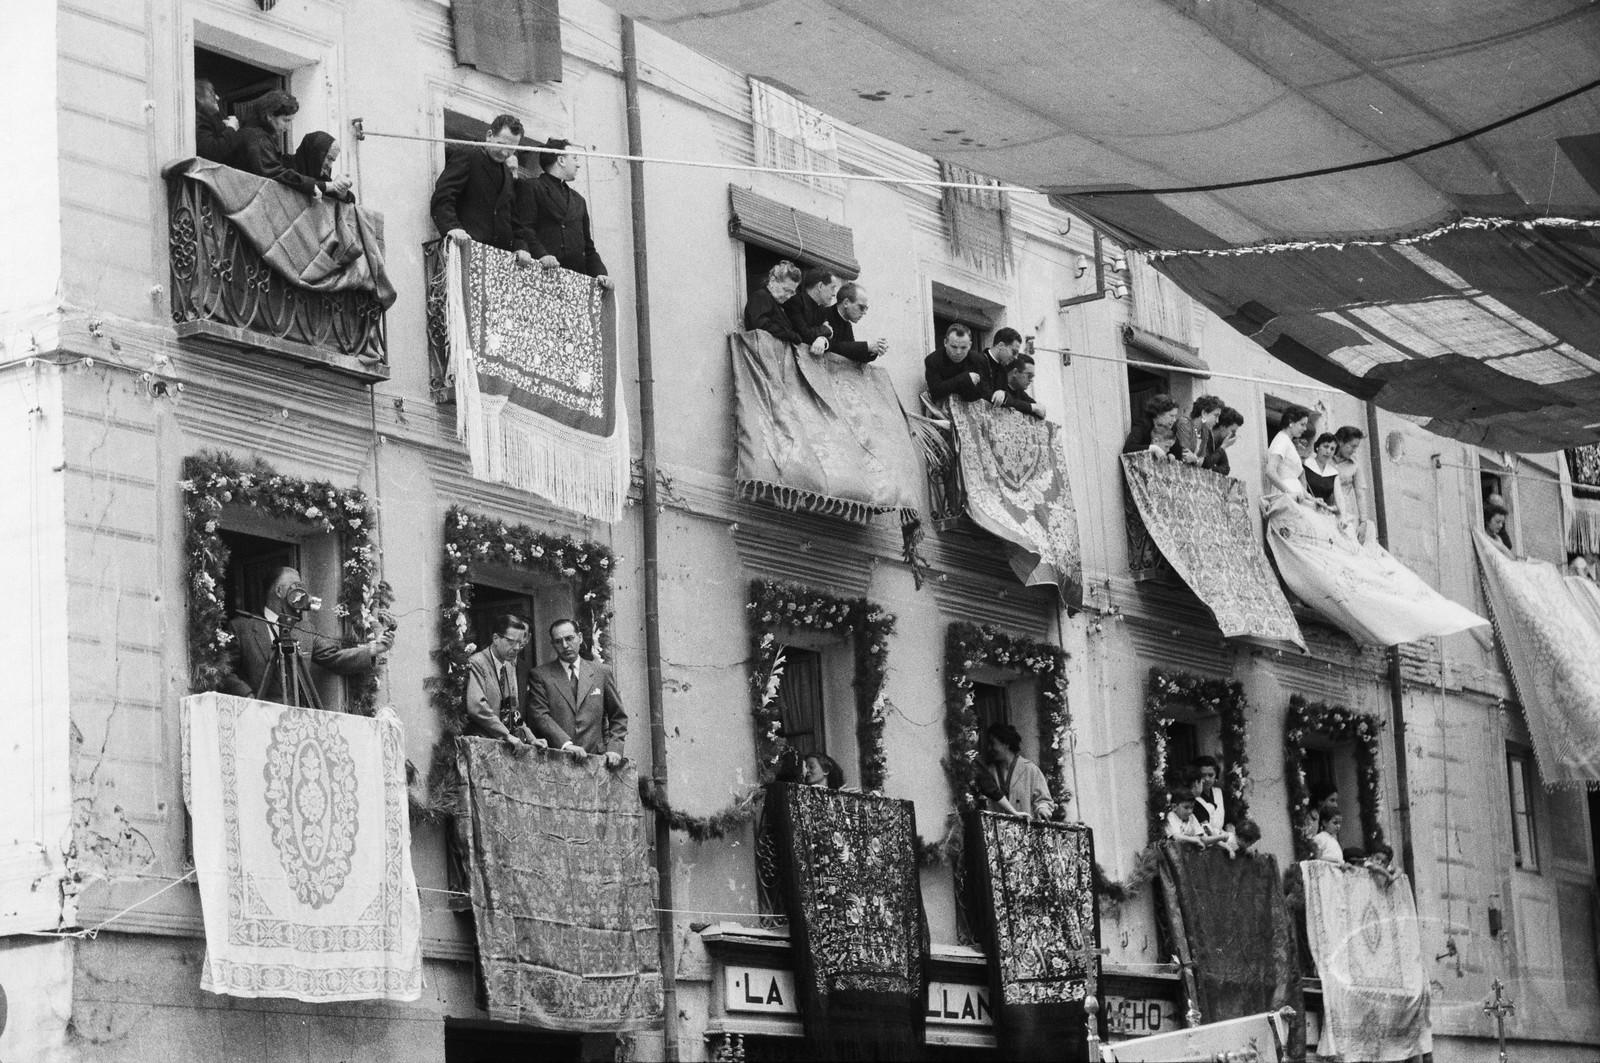 Balcones engalanados con mantones de Manila frente a la Puerta Llana en el Corpus Christi de Toledo de 1955 © ETH-Bibliothek Zurich